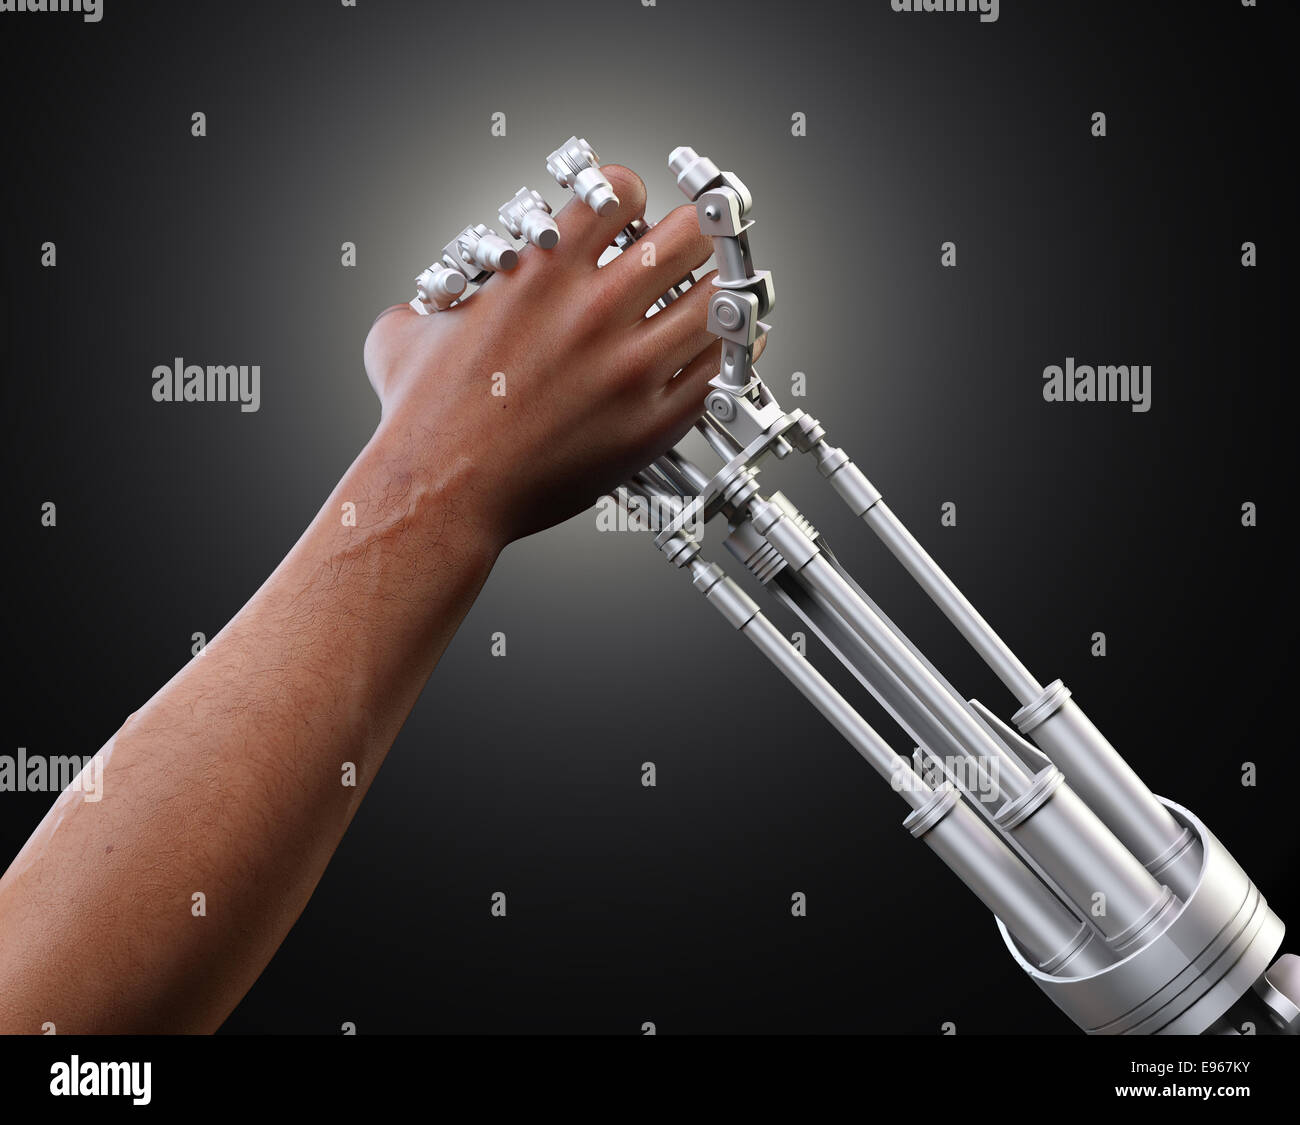 Hombre y un robot cogidos de la mano o el brazo wrestling - máquina vs derechos Imagen De Stock